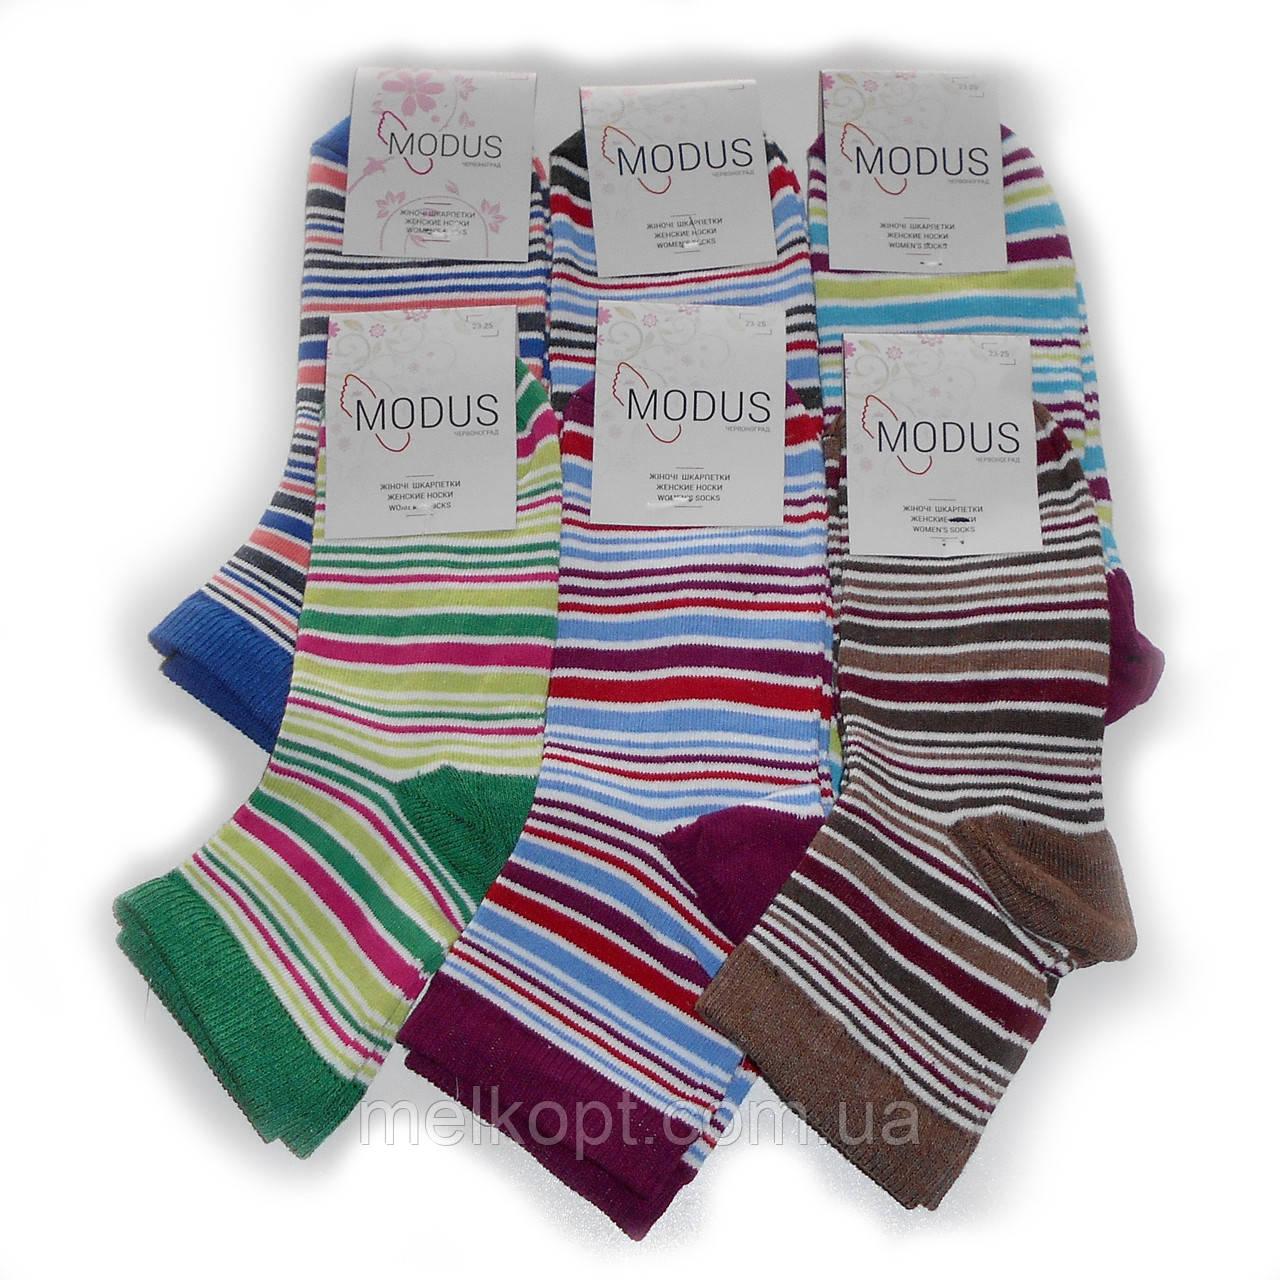 Женские носки Modus - 8,00 грн./пара (полоска)